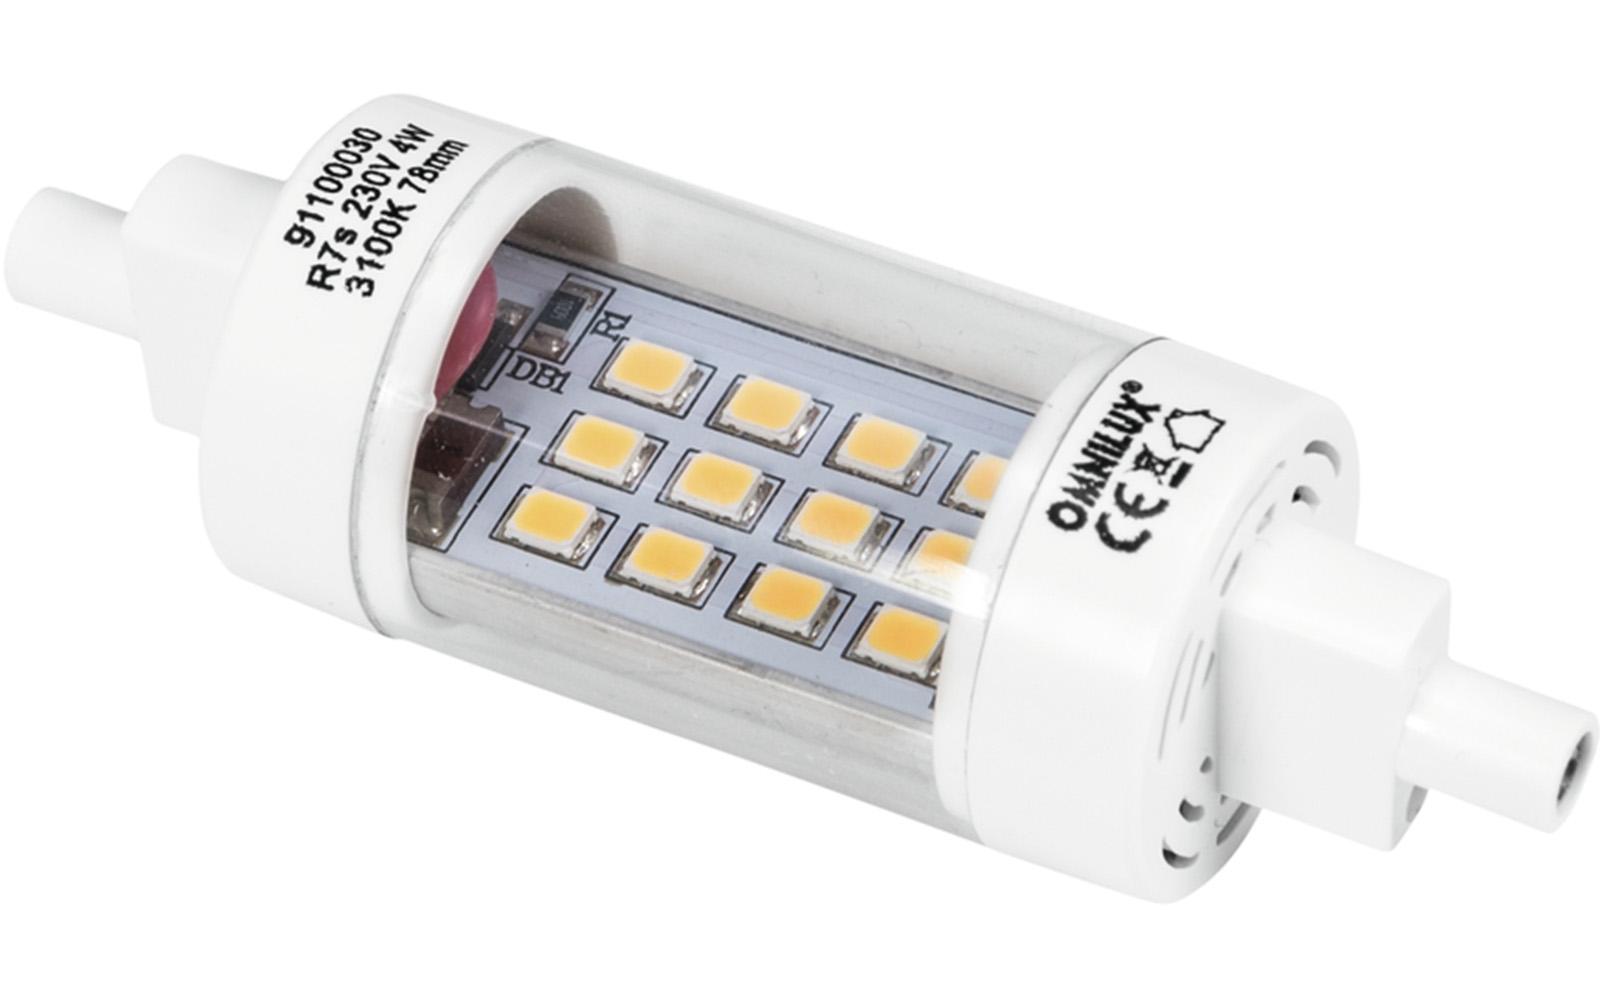 omnilux-led-230v-4w-r7s-78mm-stabbrenner